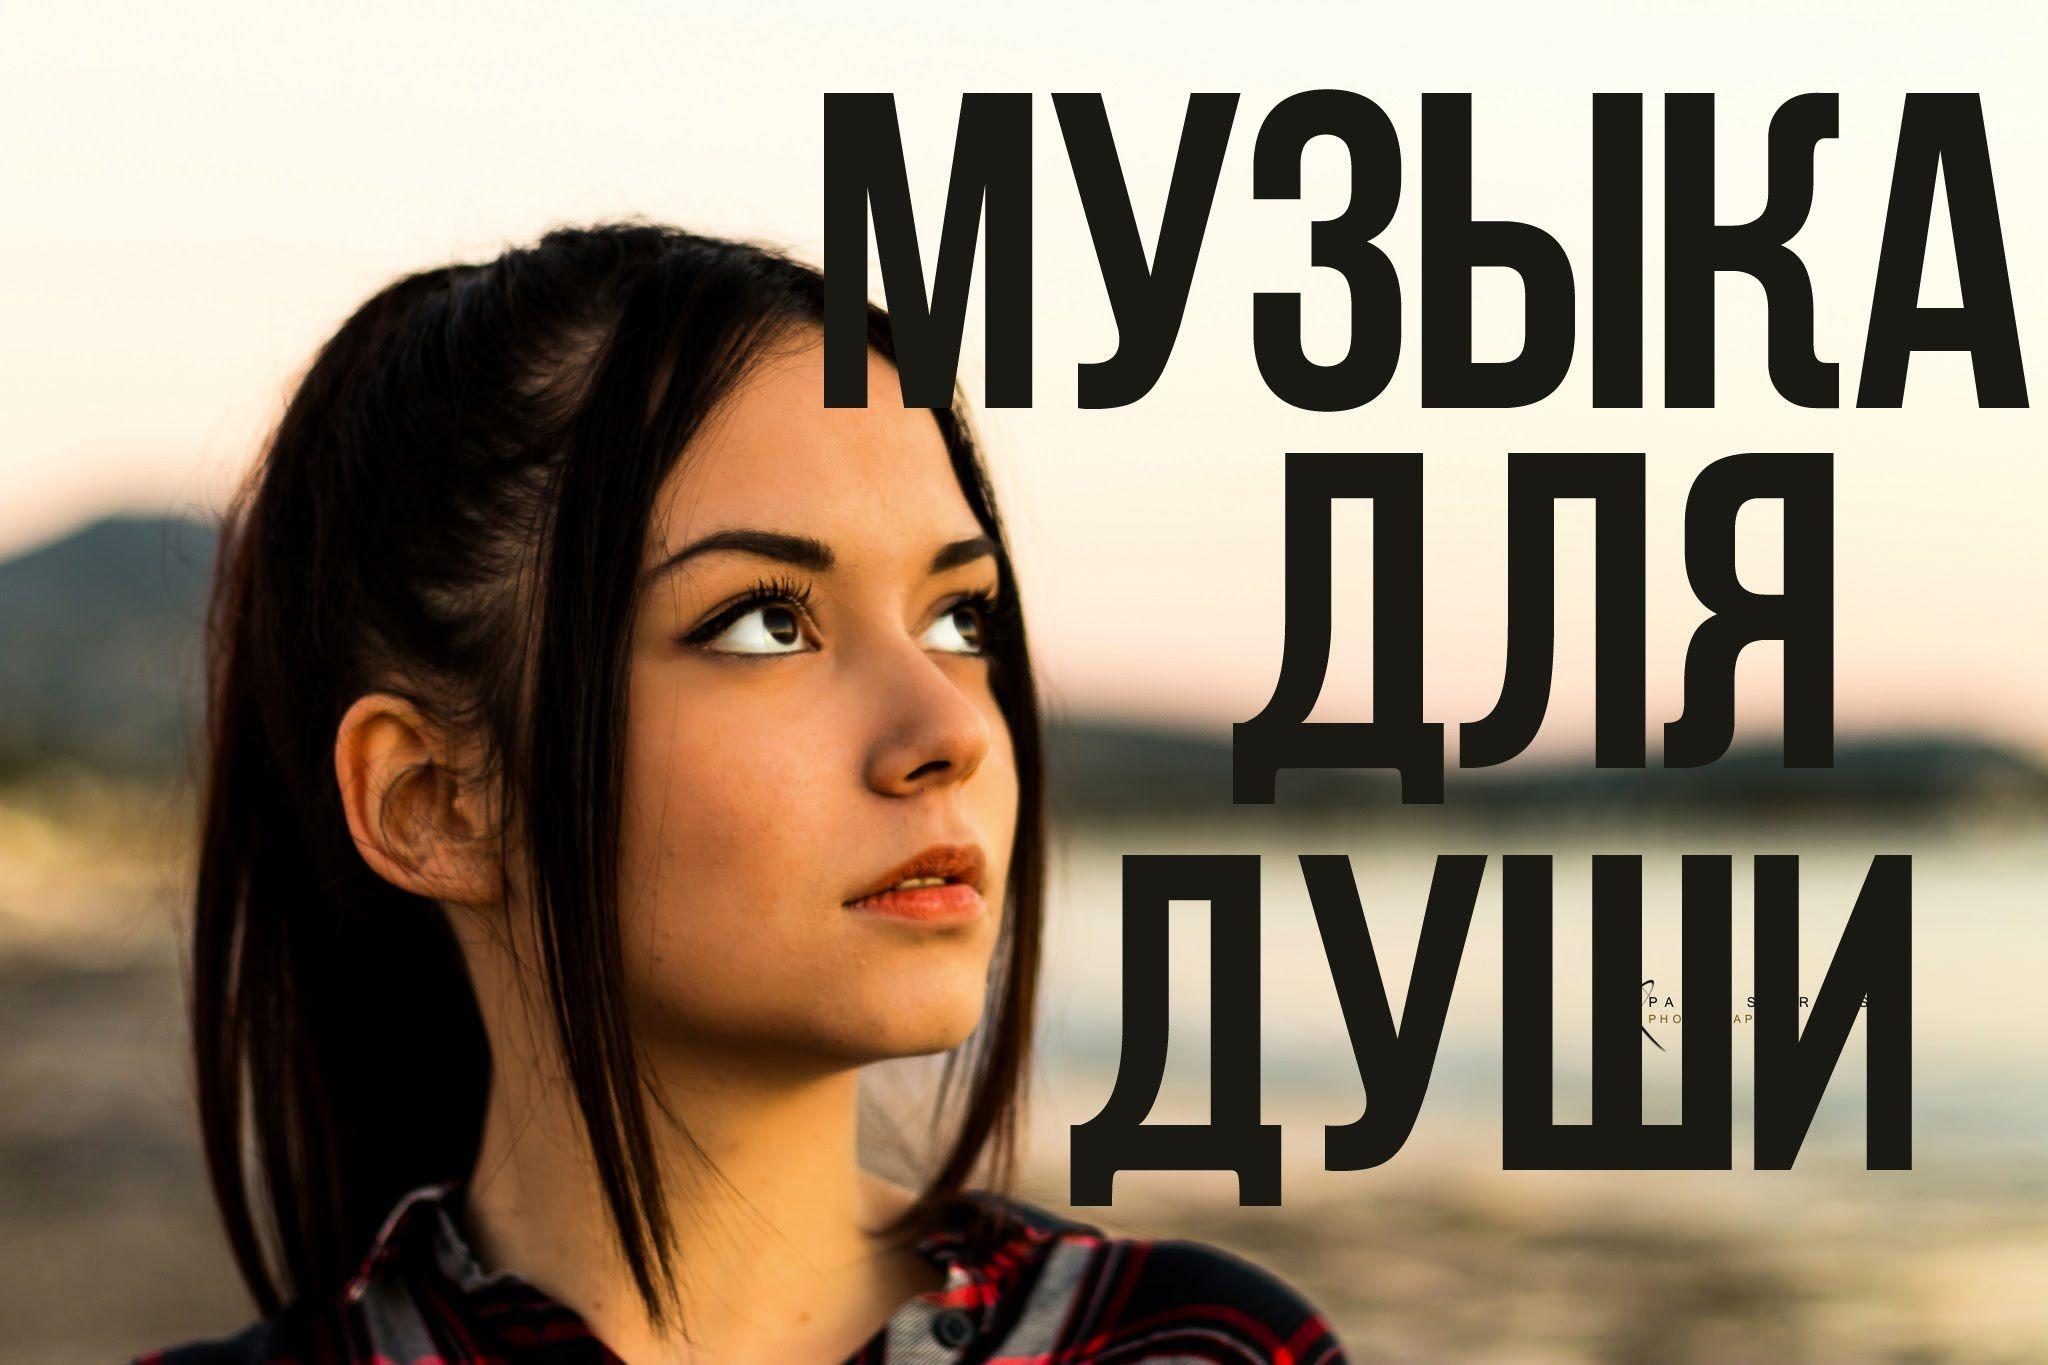 krasivaya-muzika-dlya-dushi-smotret-onlayn-sborku-porno